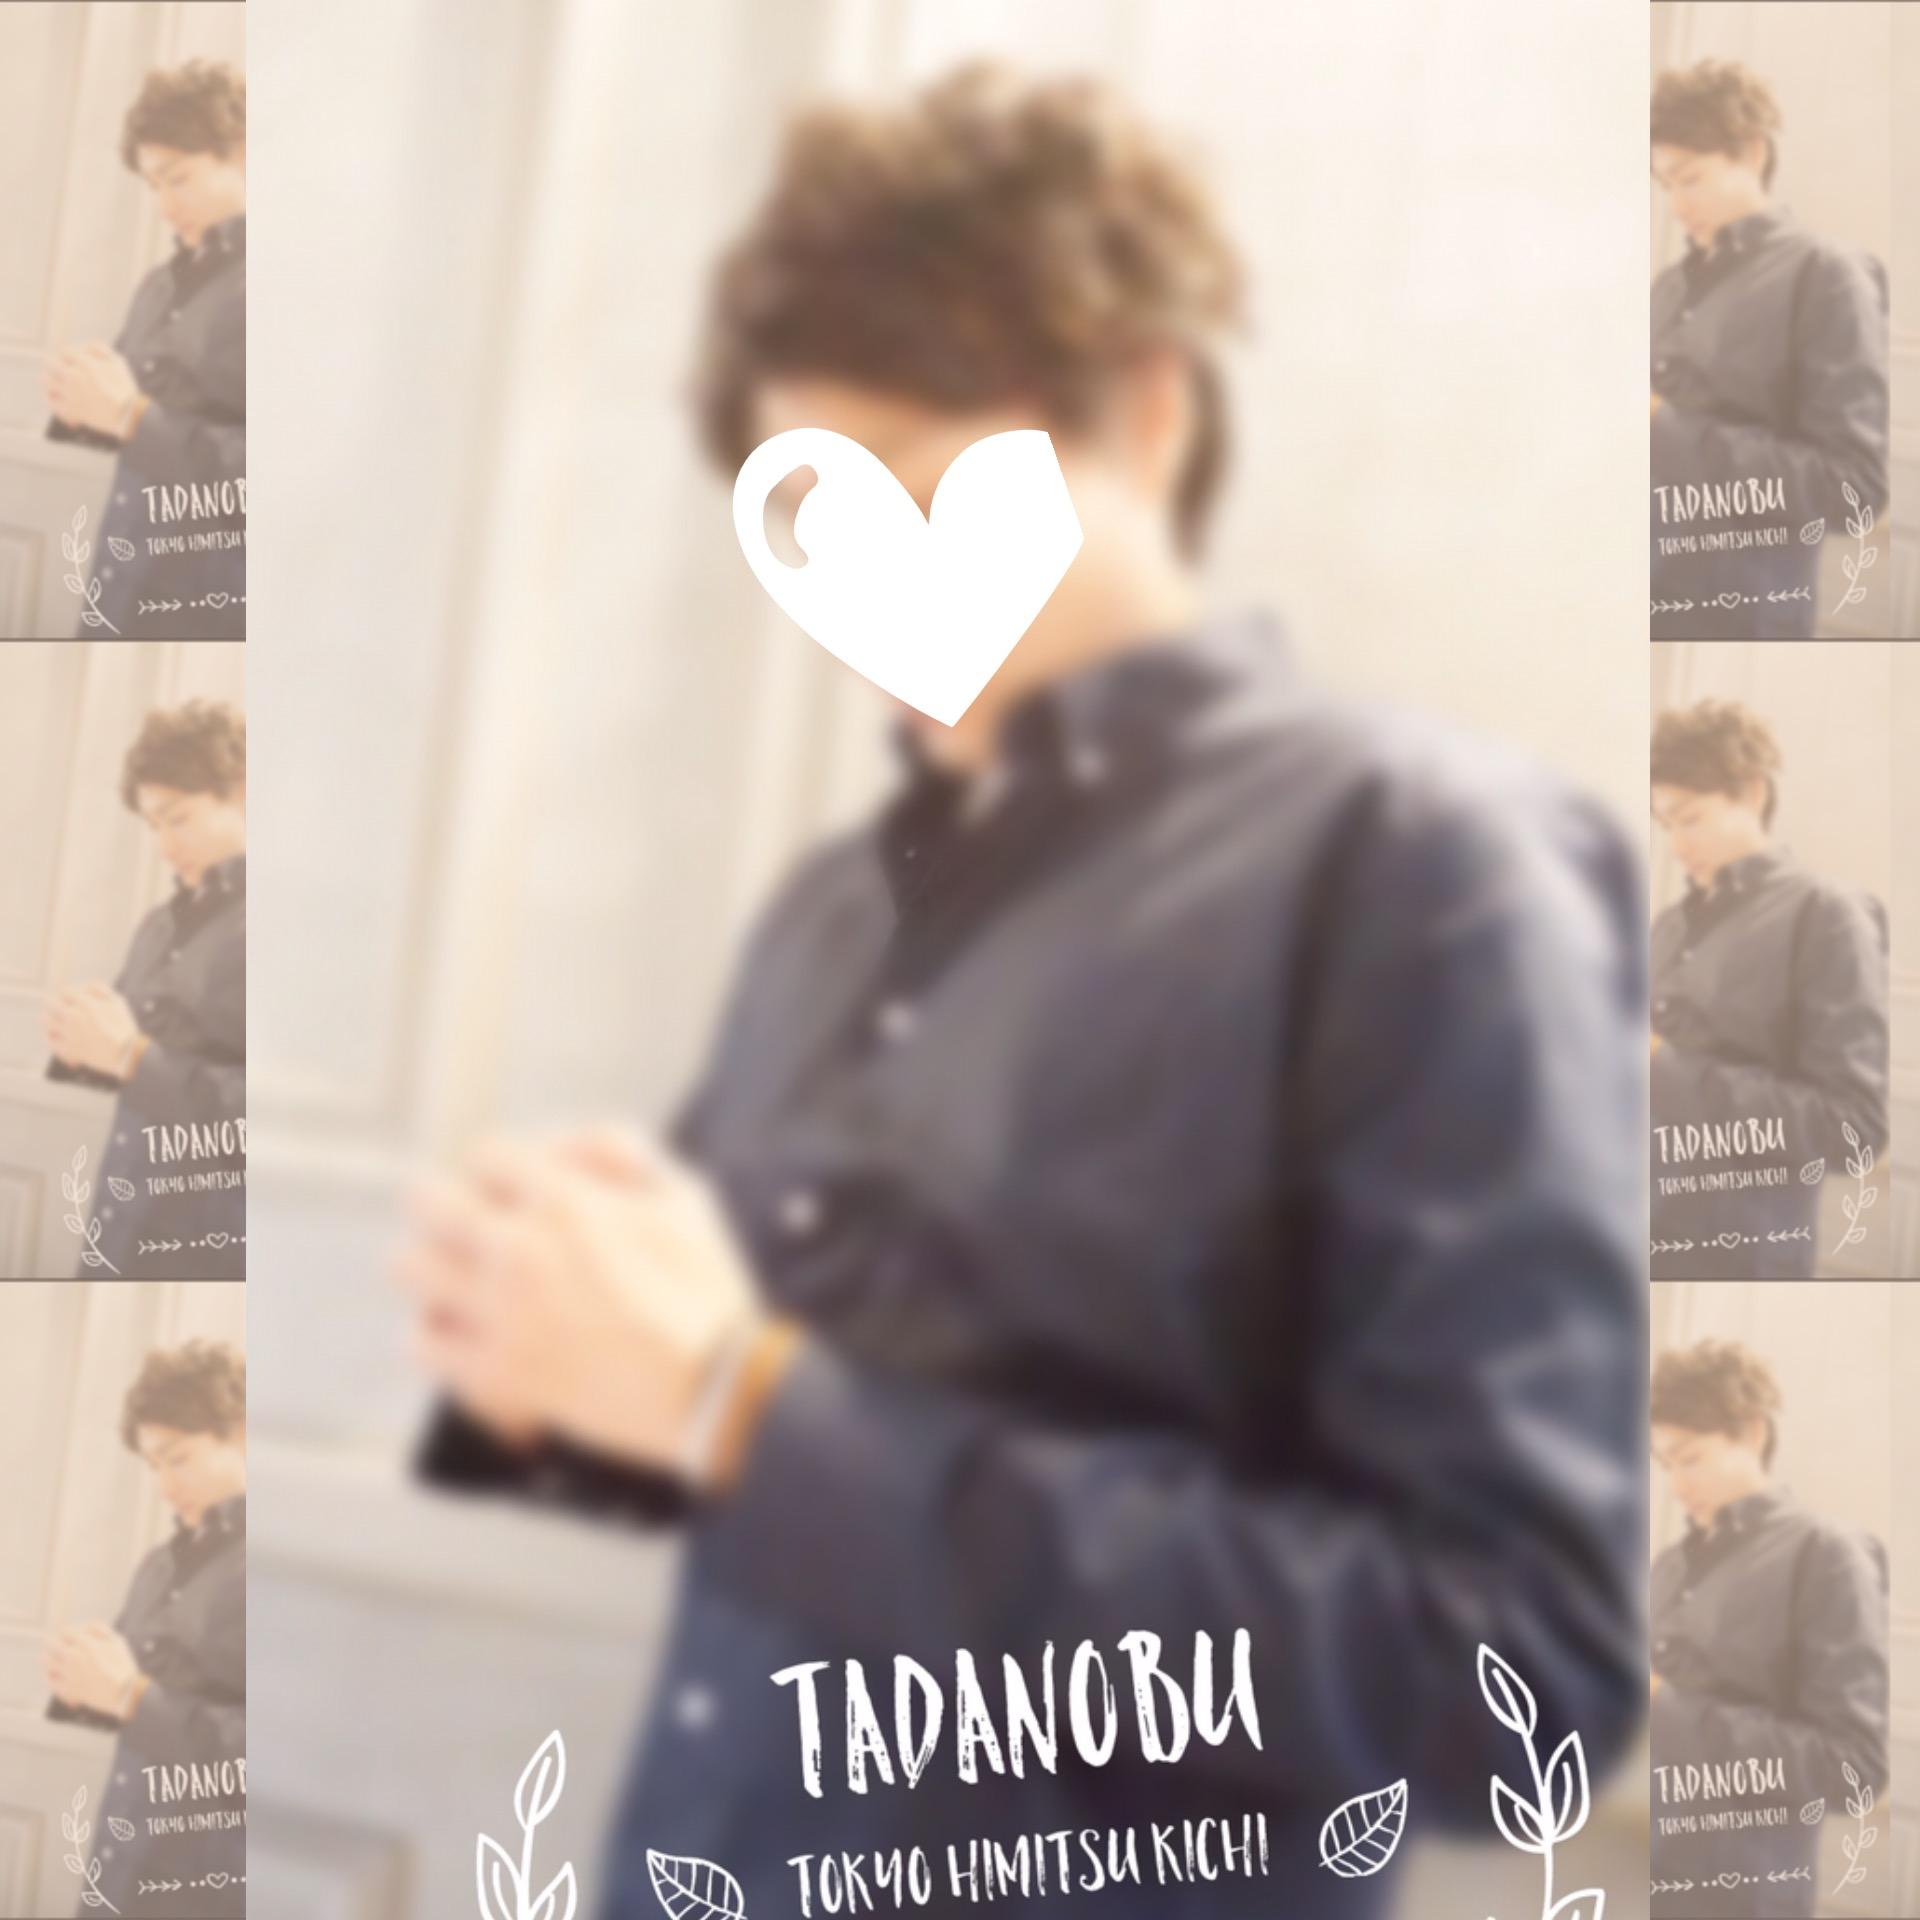 TADANOBU(タダノブ) 初投稿: Tadanobuです!!